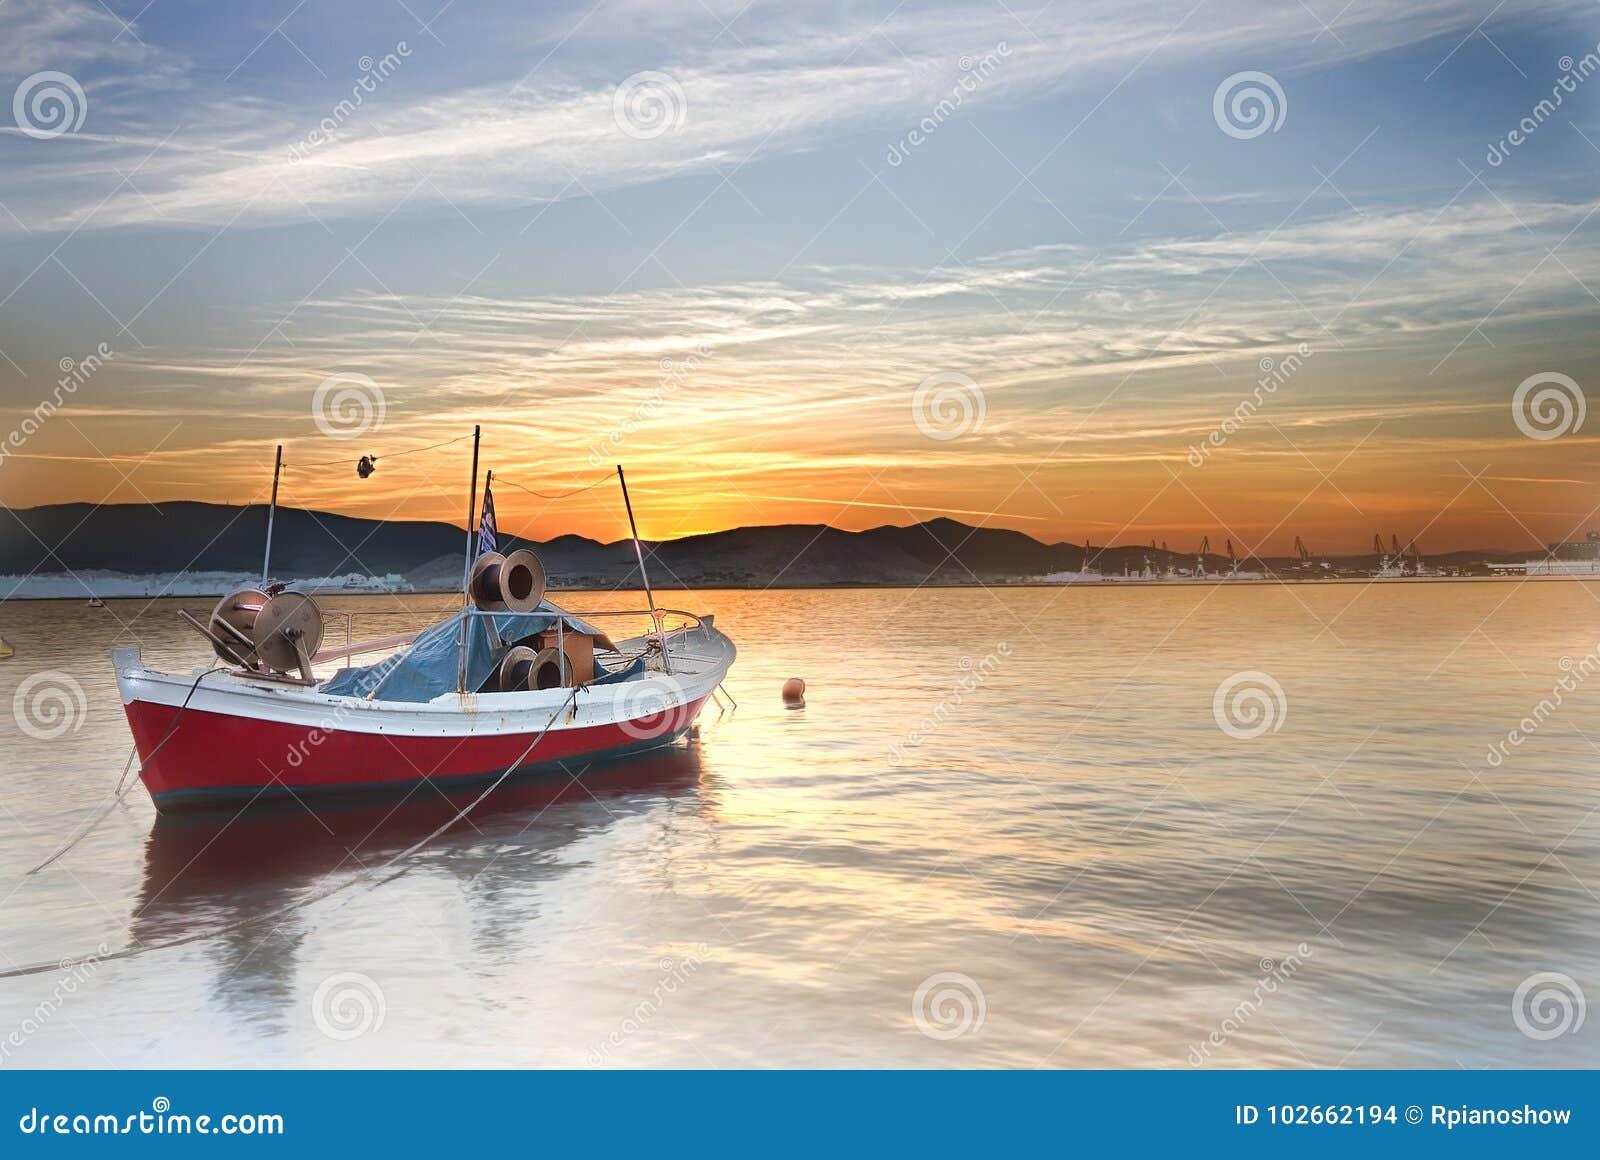 Kleine boot op een overzees bij zonsondergang